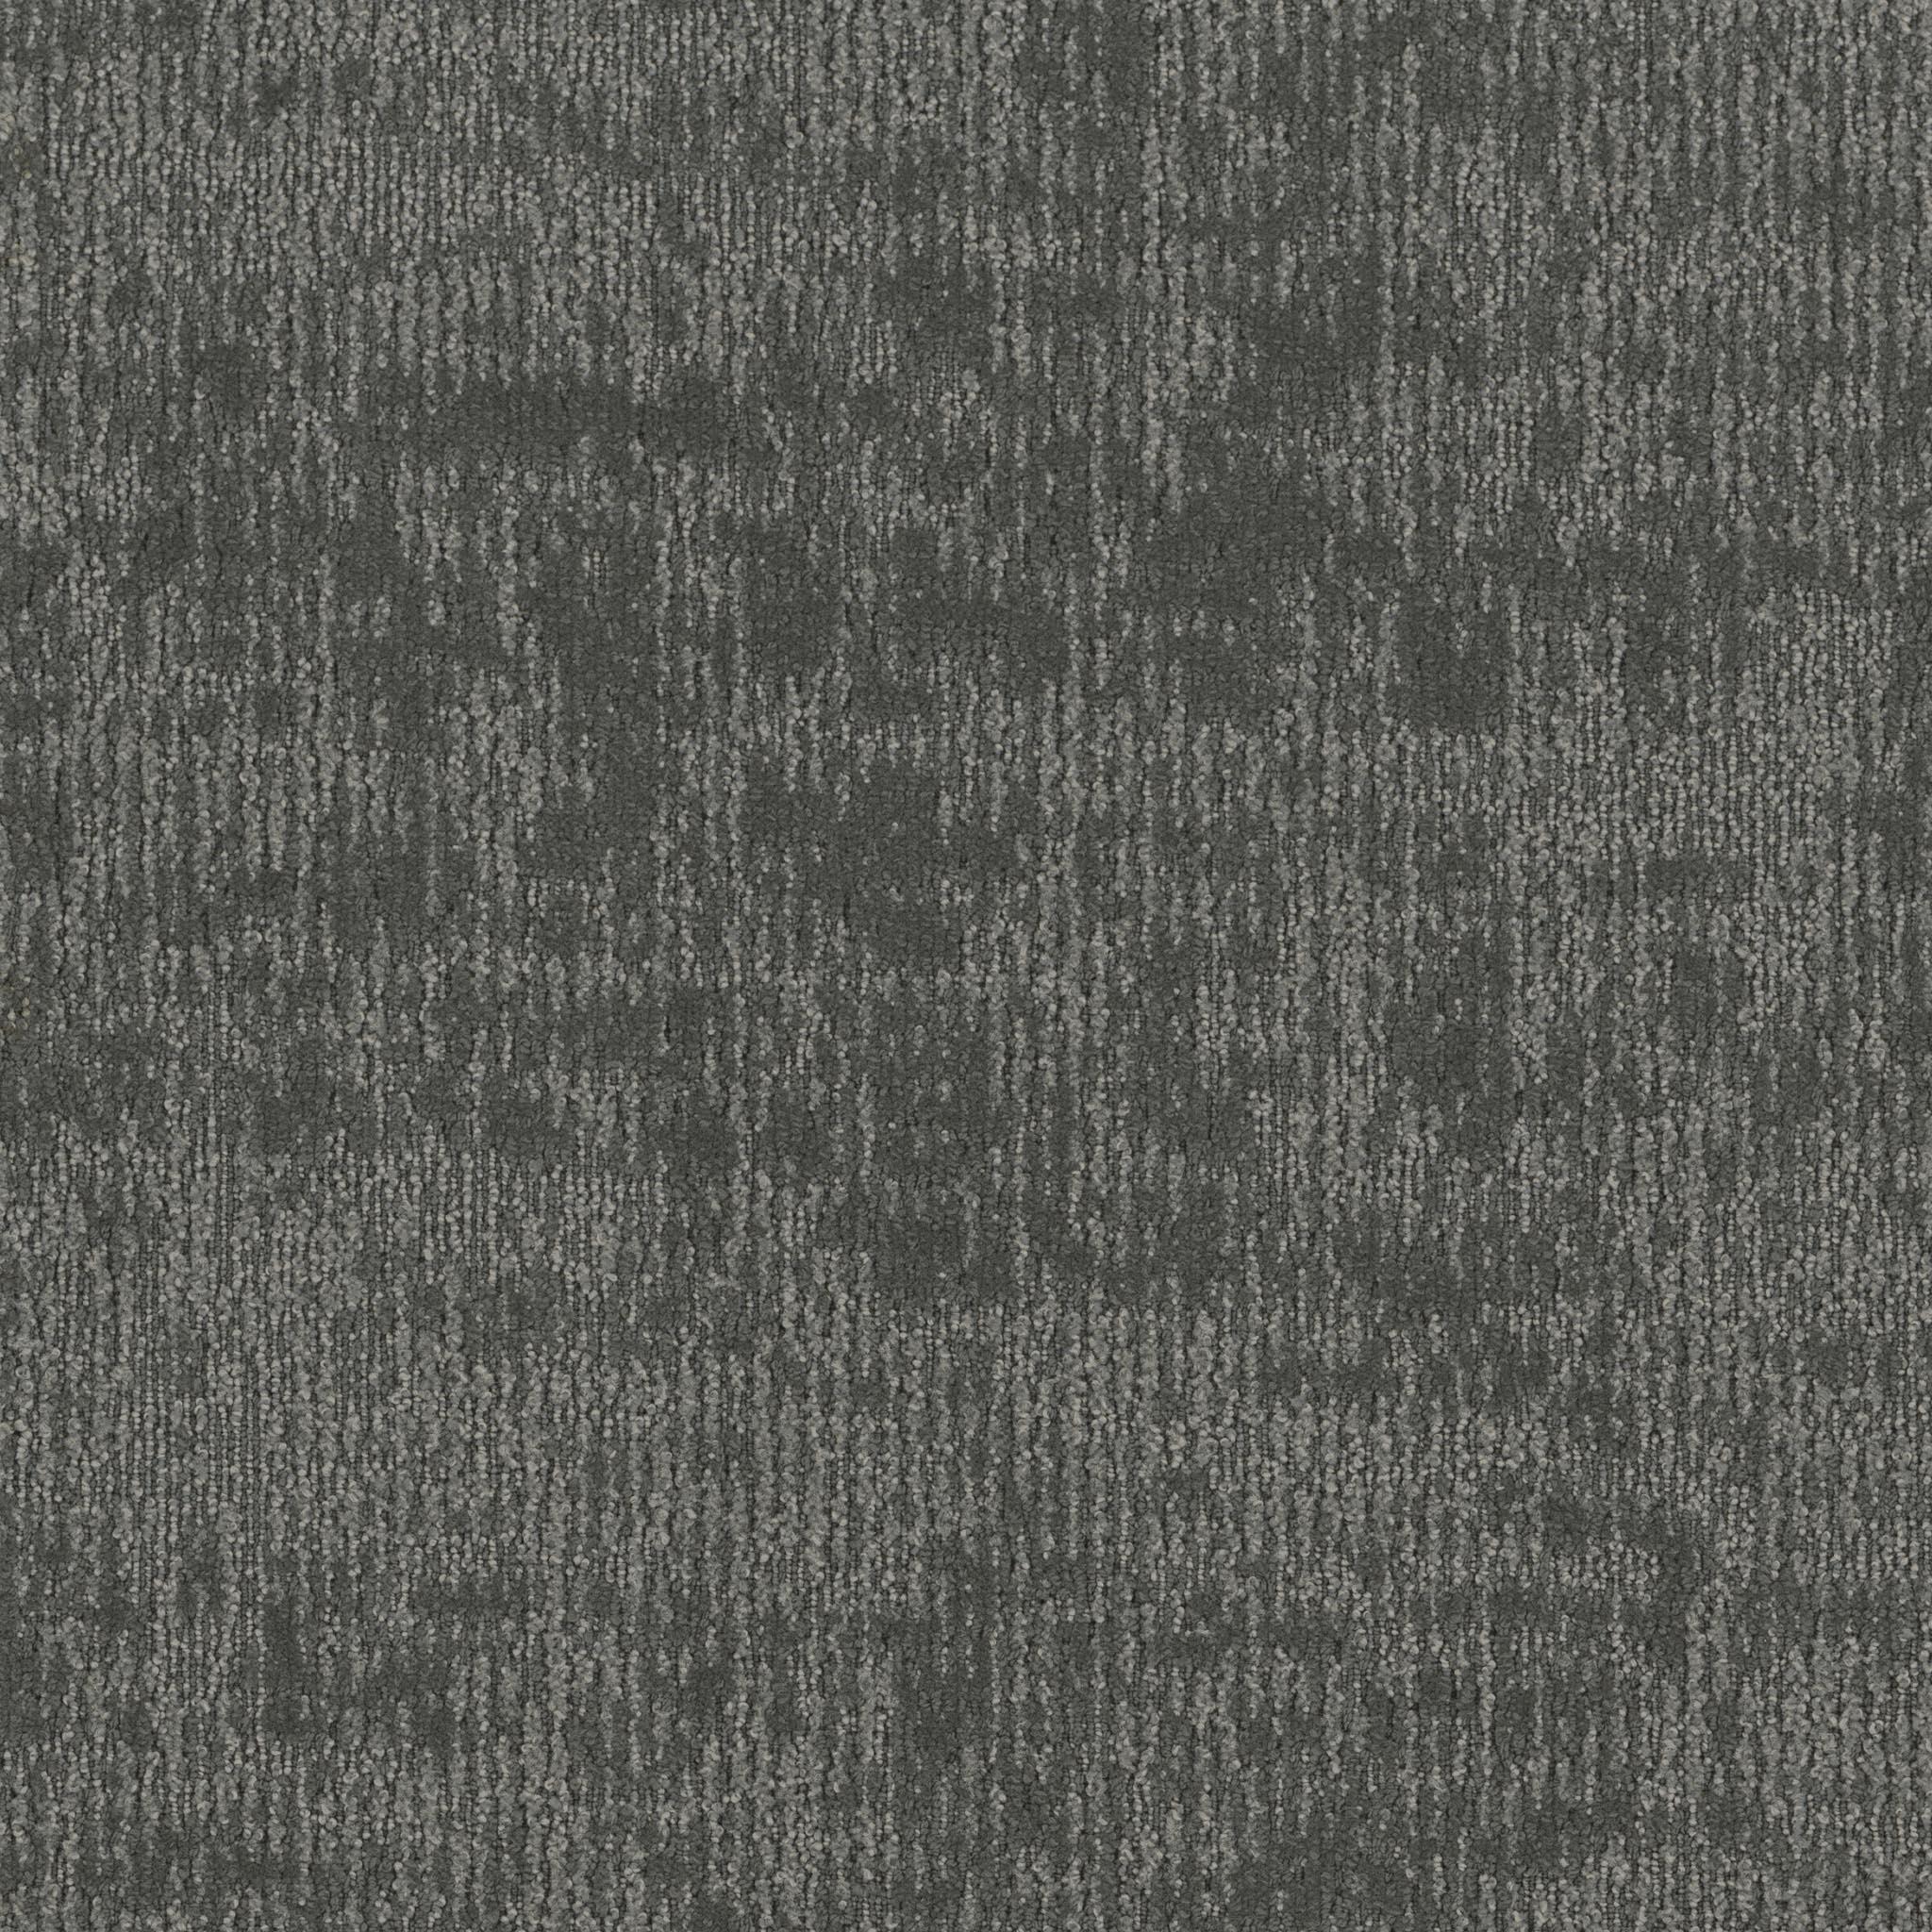 J J Invision Carpet Warranty Carpet Vidalondon